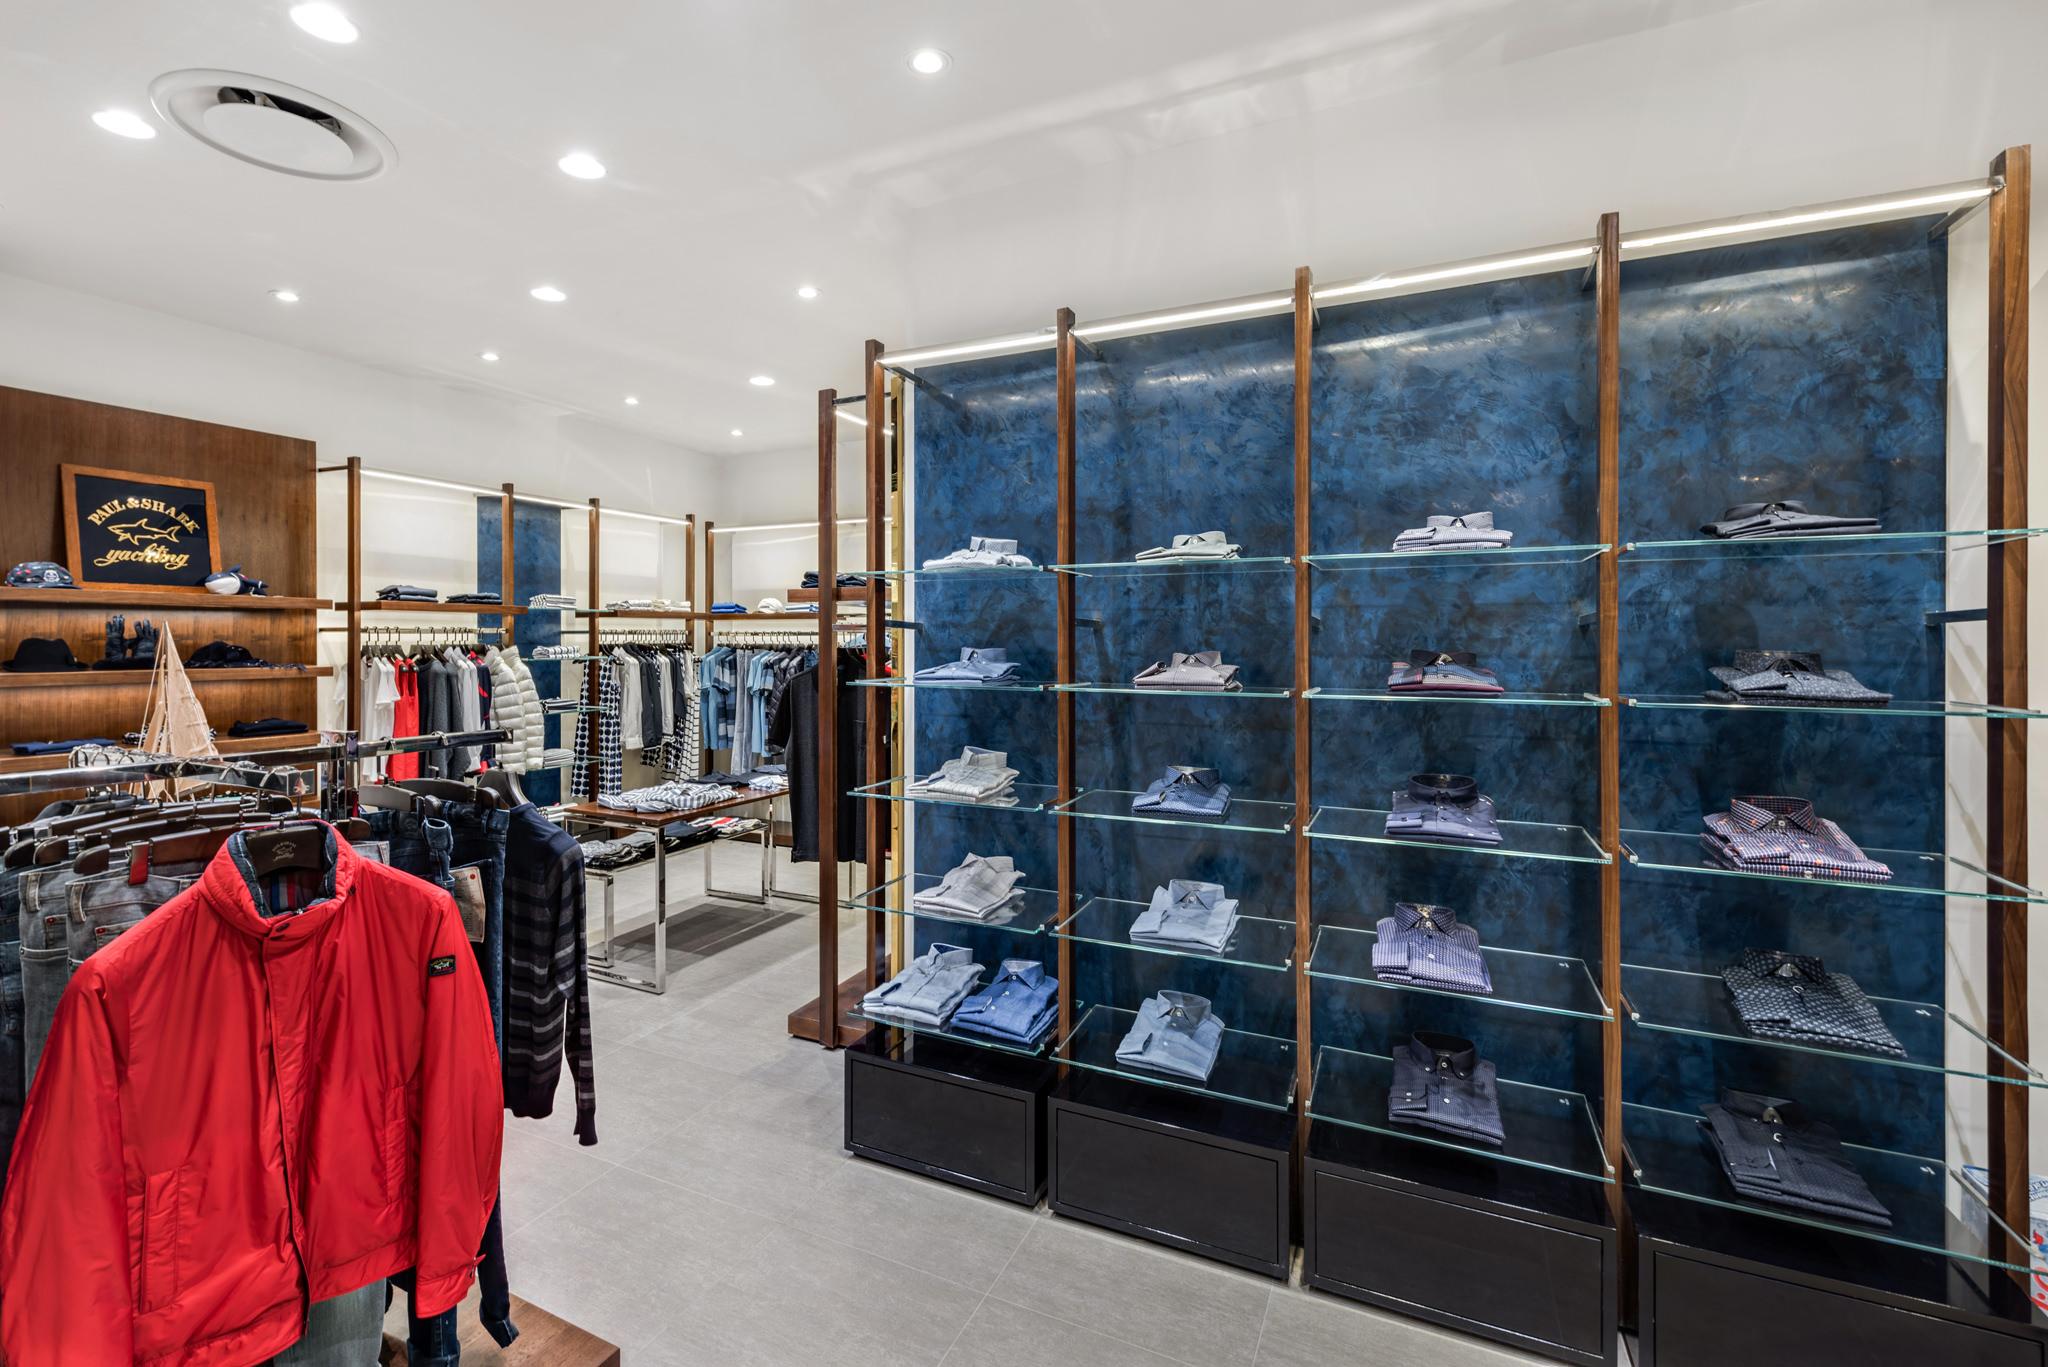 20160729 - Paul & Shark - HCM - Commercial - Interior - Store - Retouch 0008.jpg